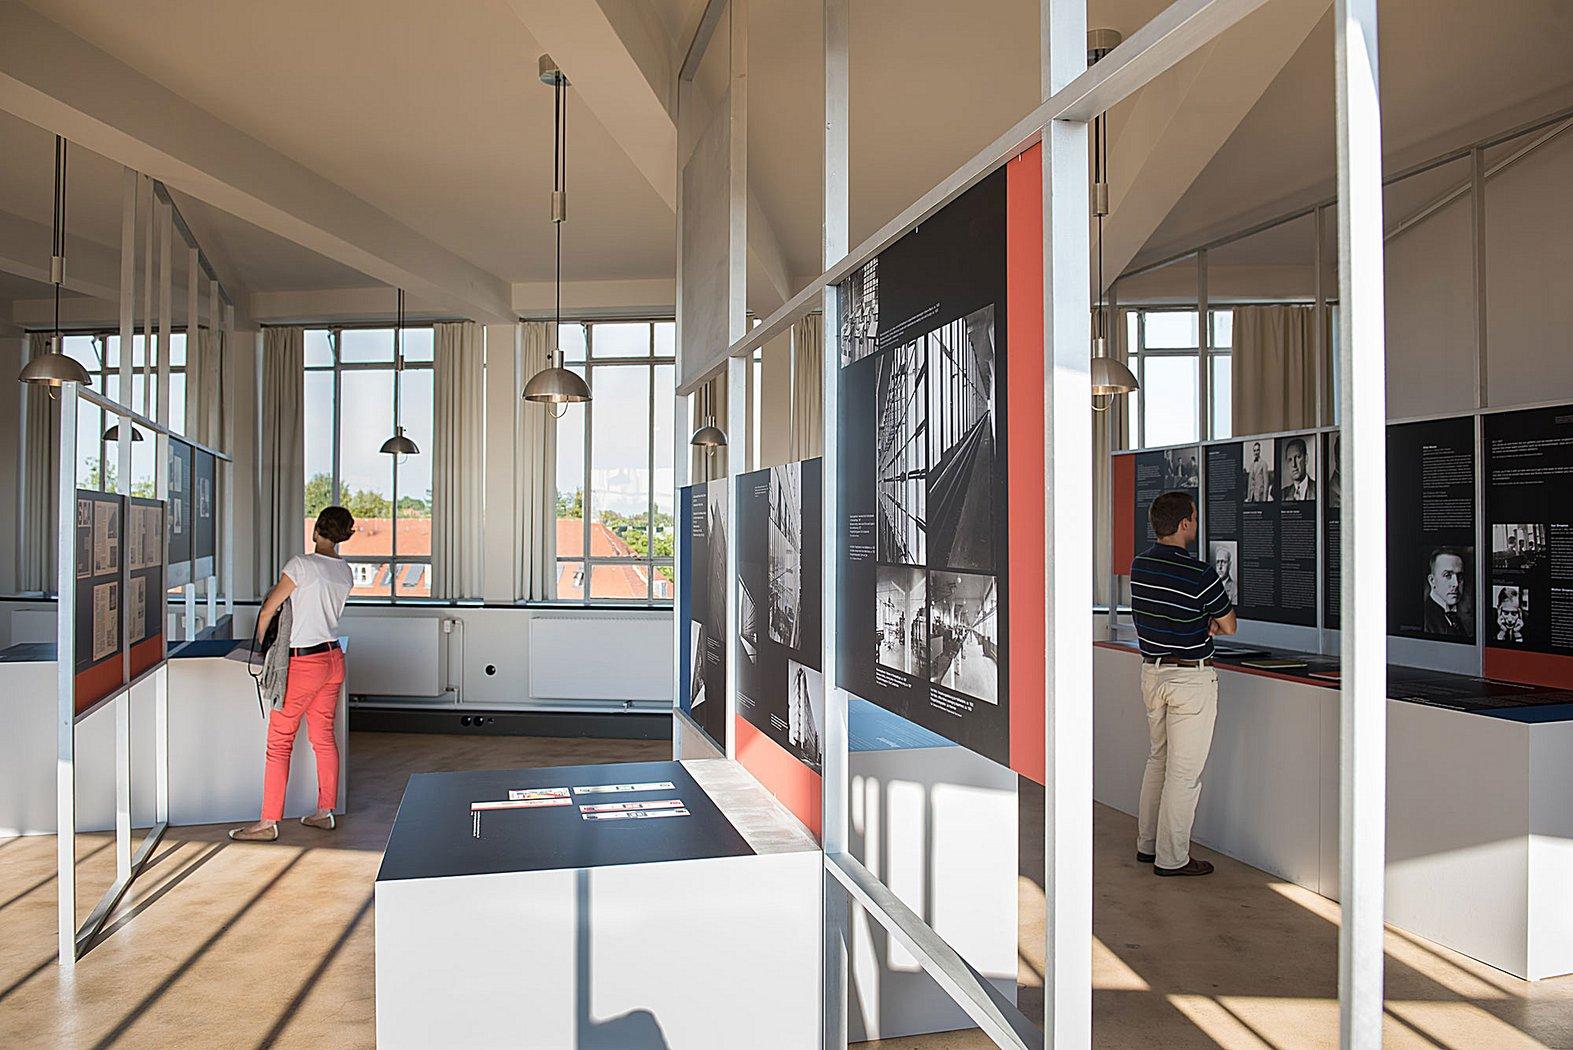 simultanit t der moderne r ckblick ausstellungen stiftung bauhaus dessau bauhaus dessau. Black Bedroom Furniture Sets. Home Design Ideas